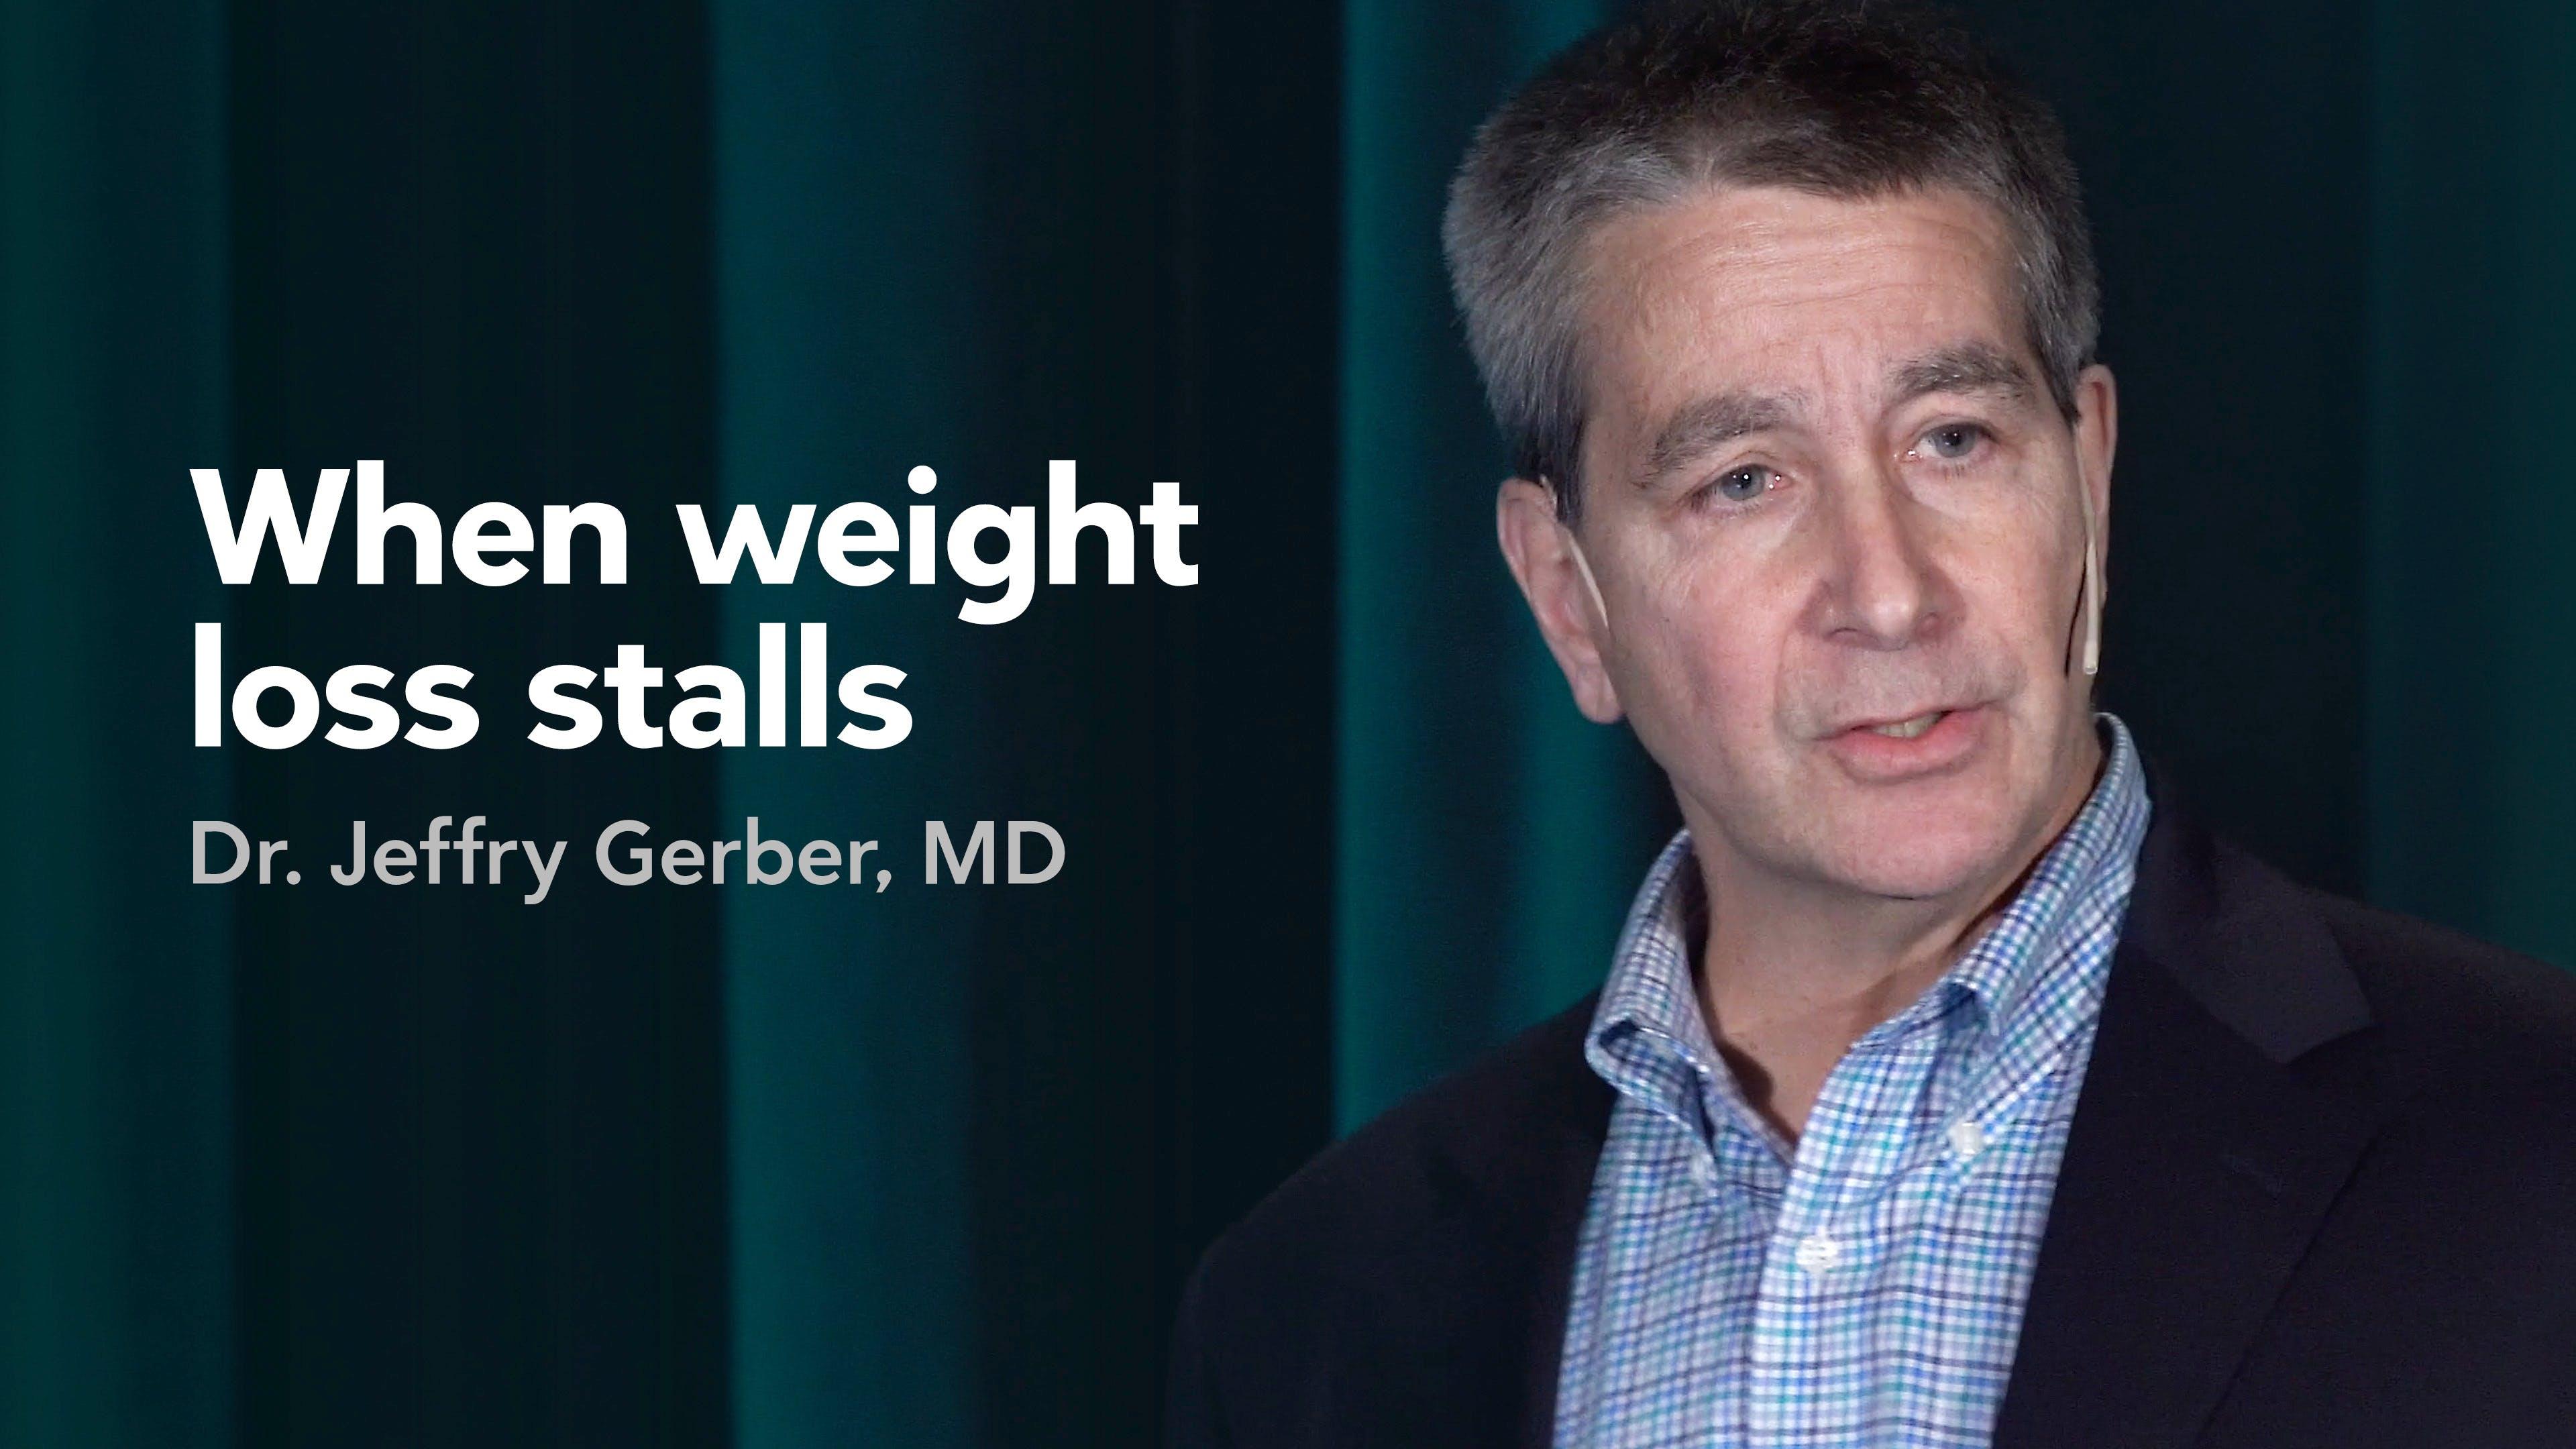 When weight loss stalls – Jeffry Gerber